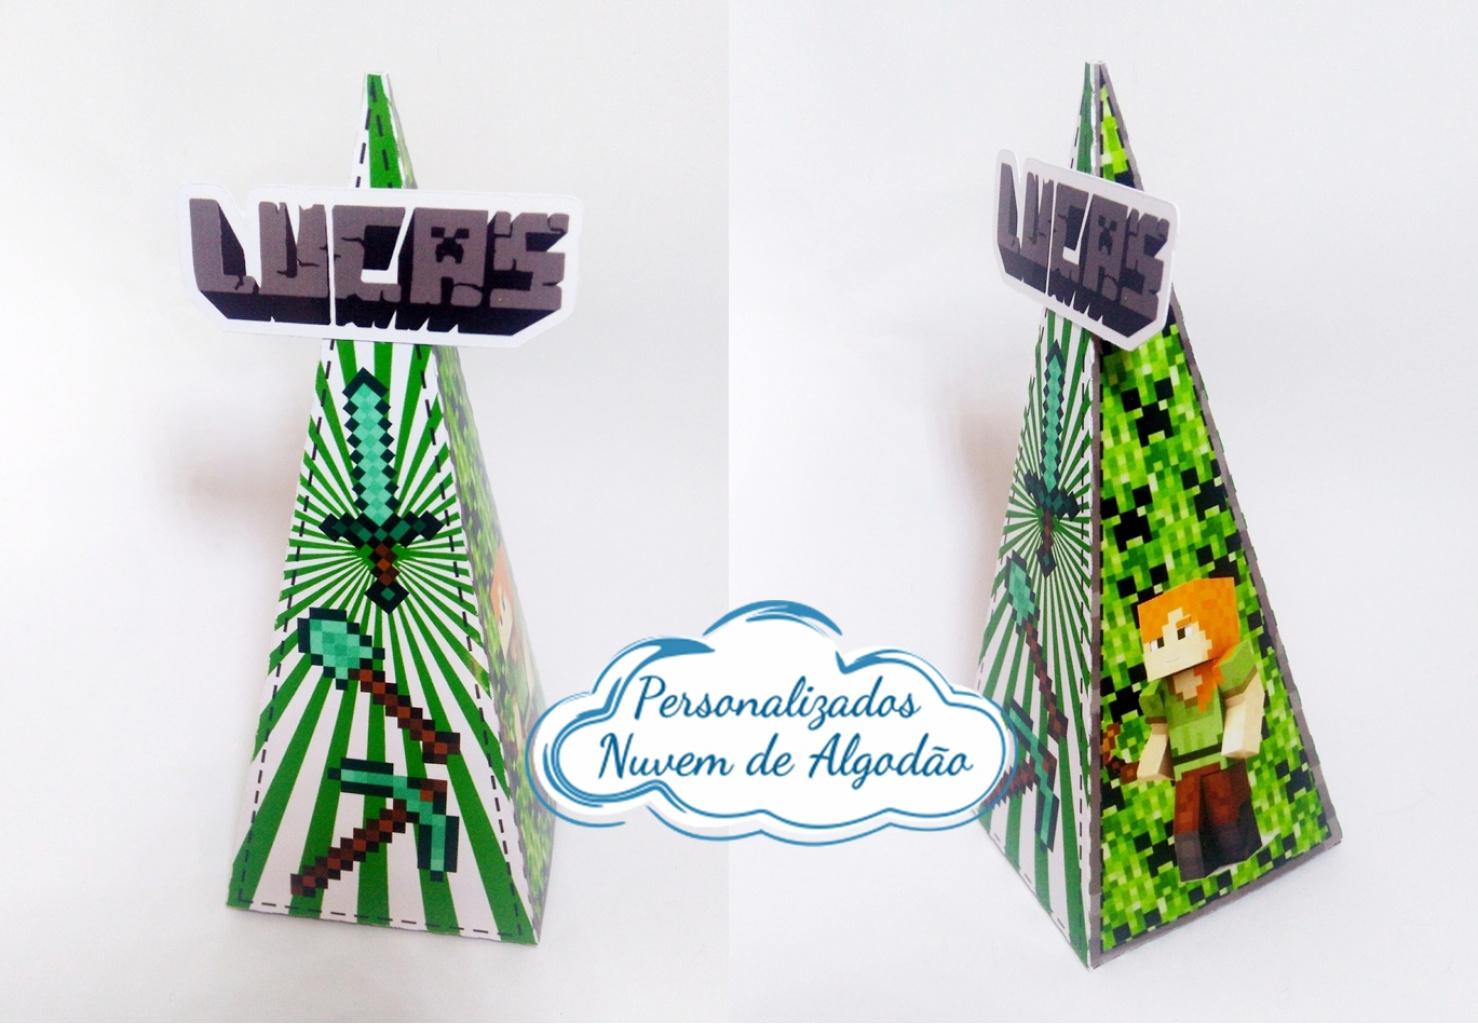 Nuvem de algodão personalizados - Caixa pirâmide Minecraft